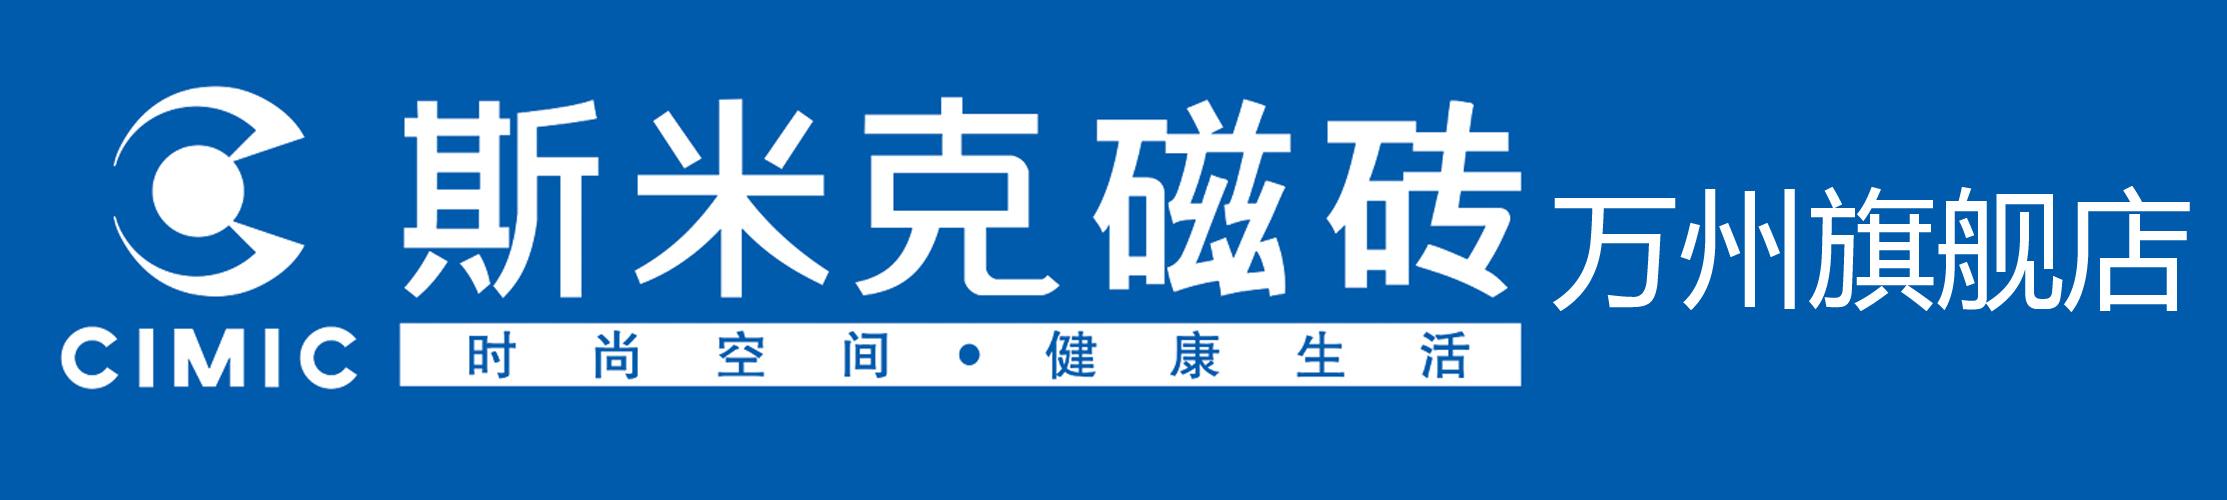 中青建材(重慶)有限公司